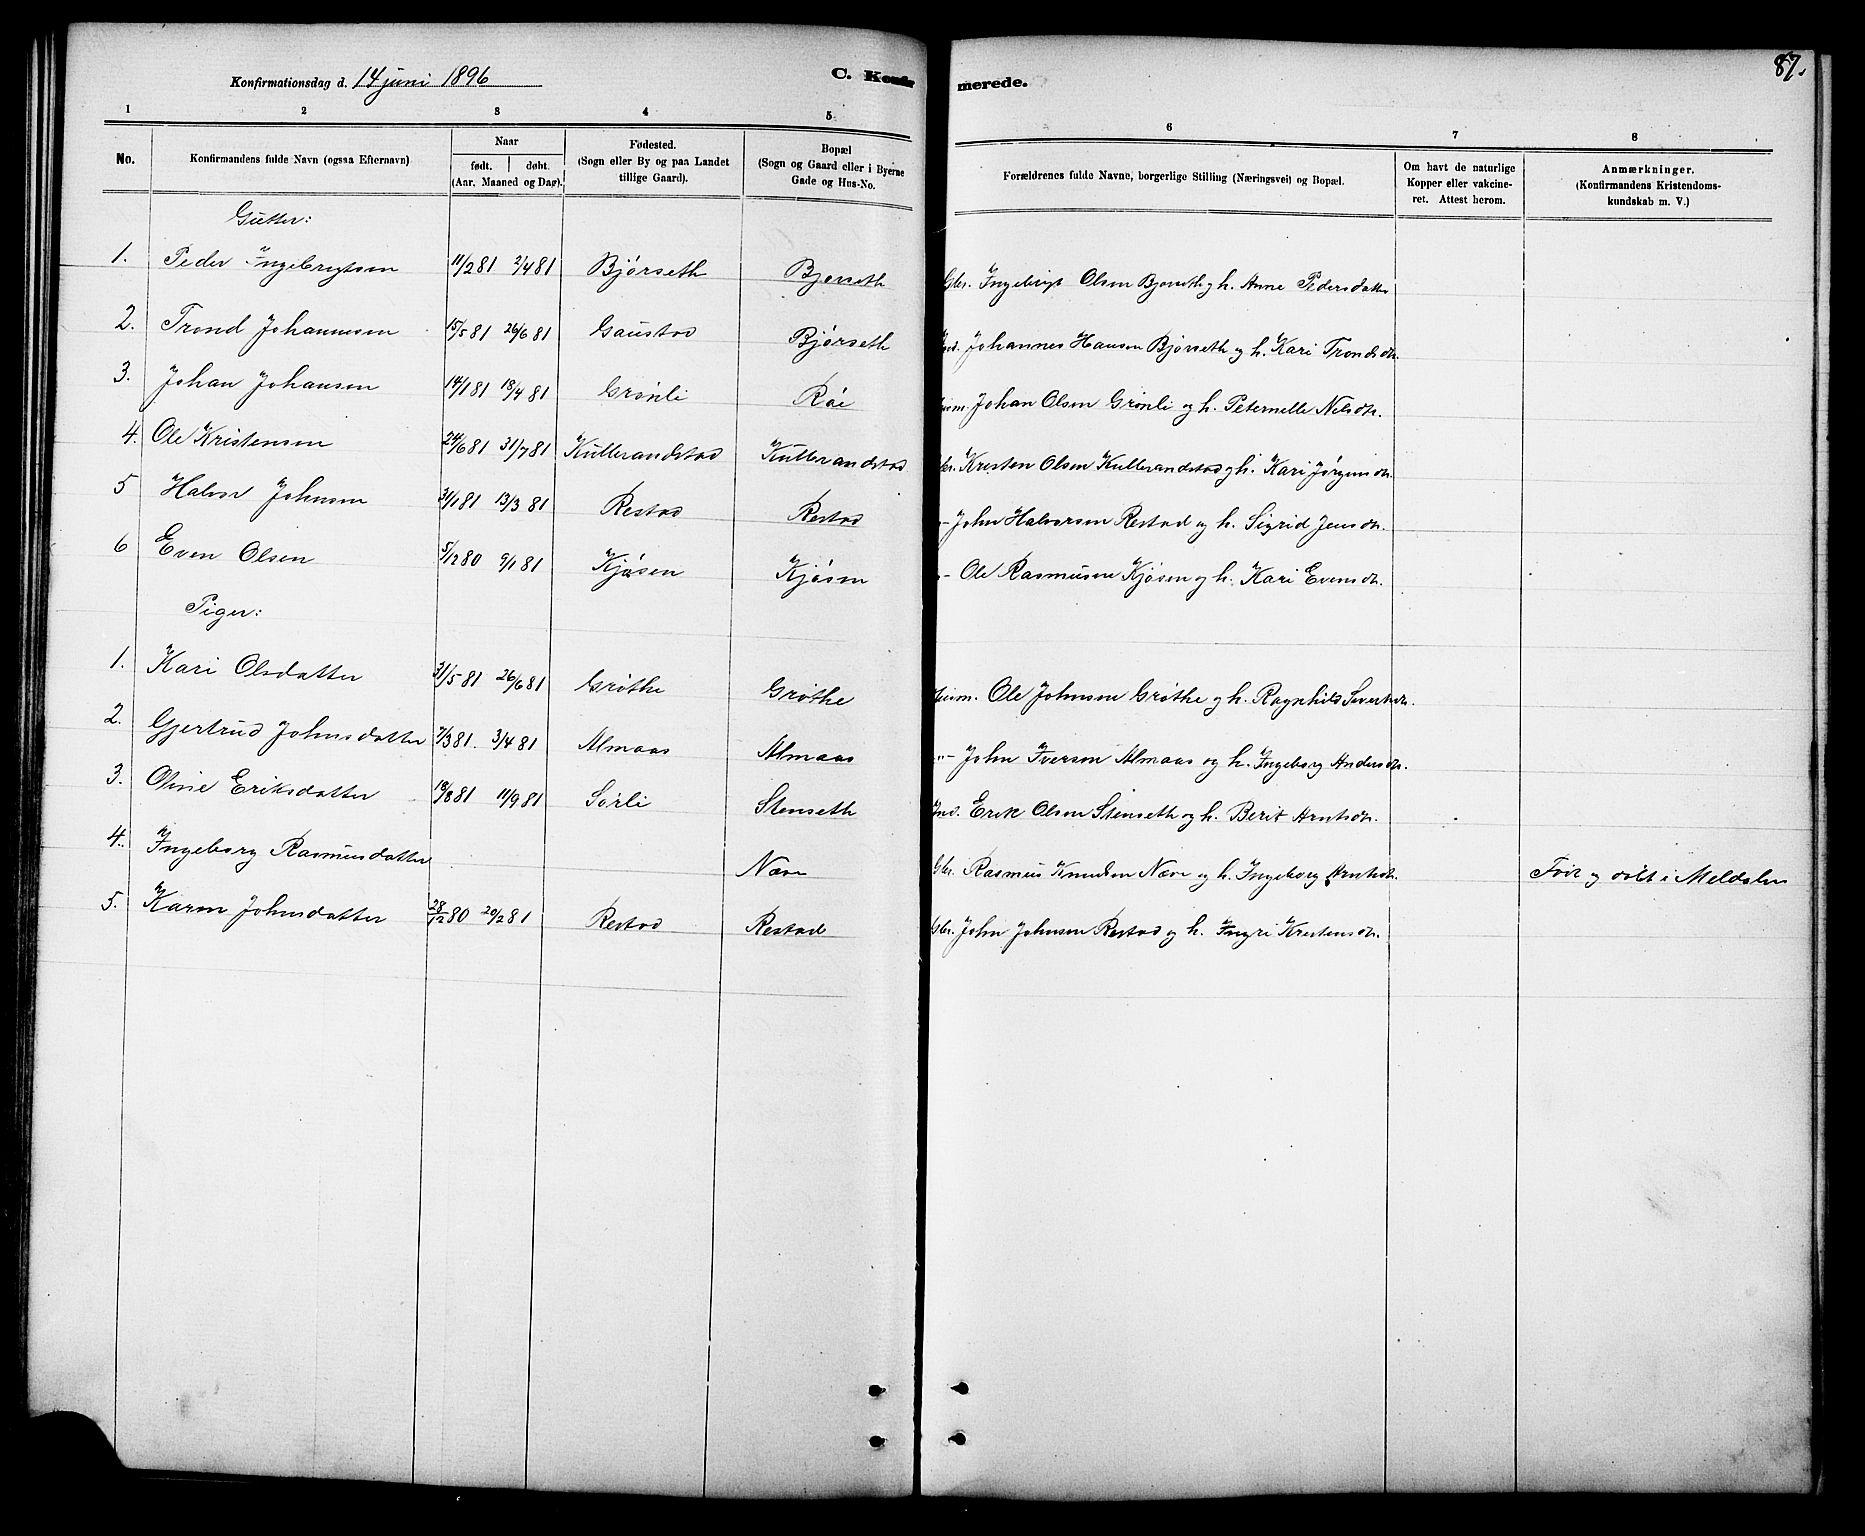 SAT, Ministerialprotokoller, klokkerbøker og fødselsregistre - Sør-Trøndelag, 694/L1132: Klokkerbok nr. 694C04, 1887-1914, s. 87